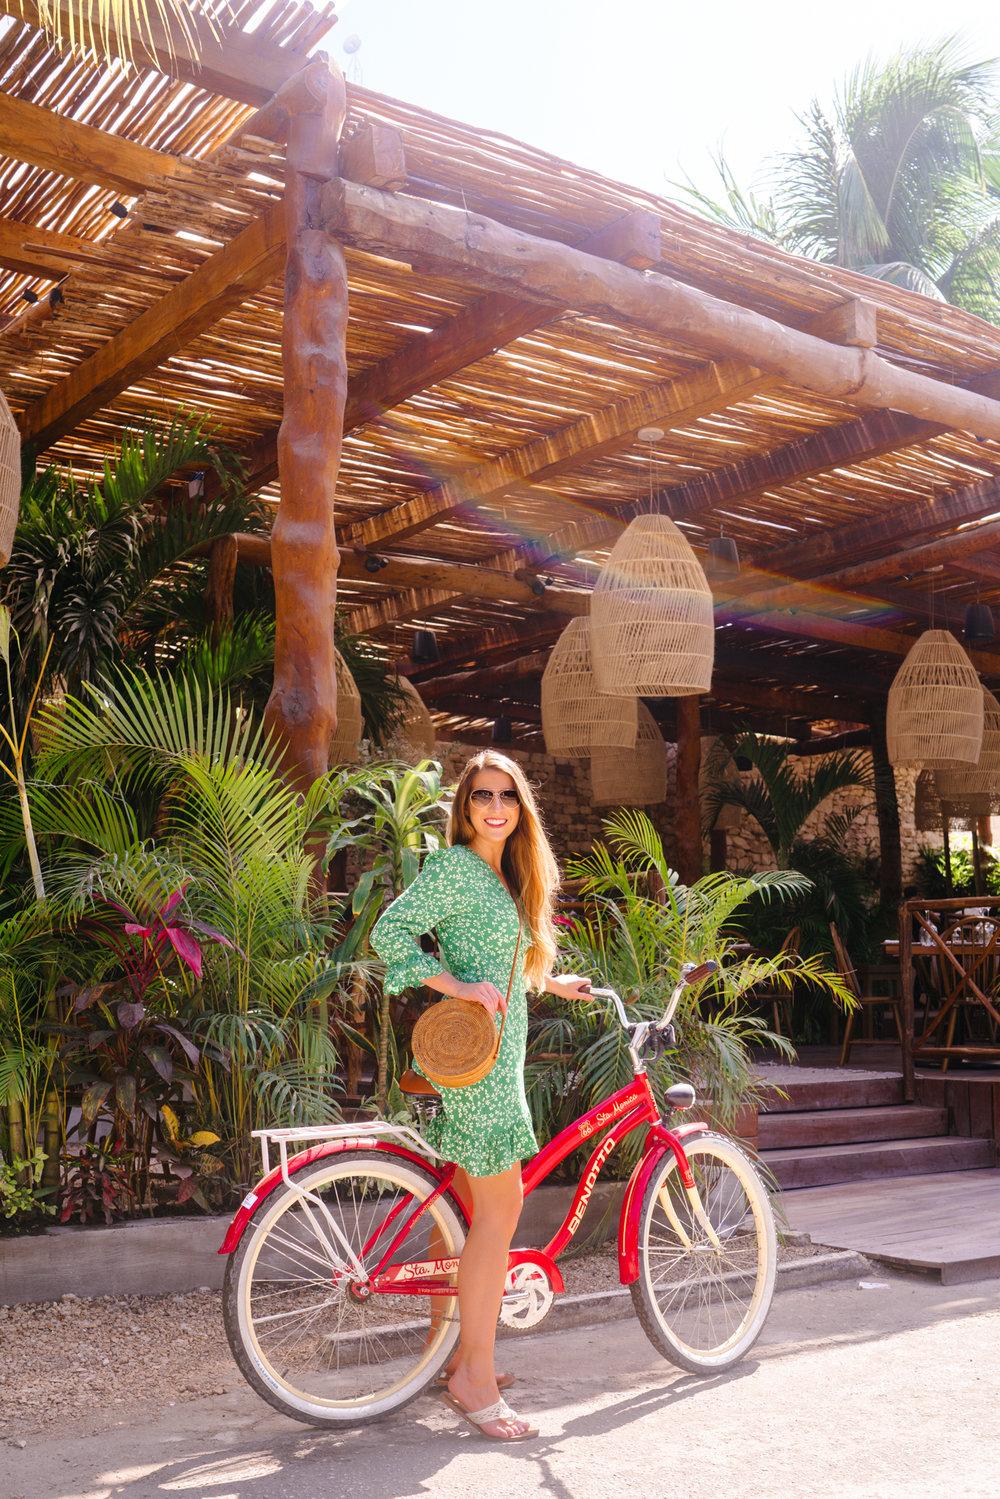 Riding bikes in Tulum